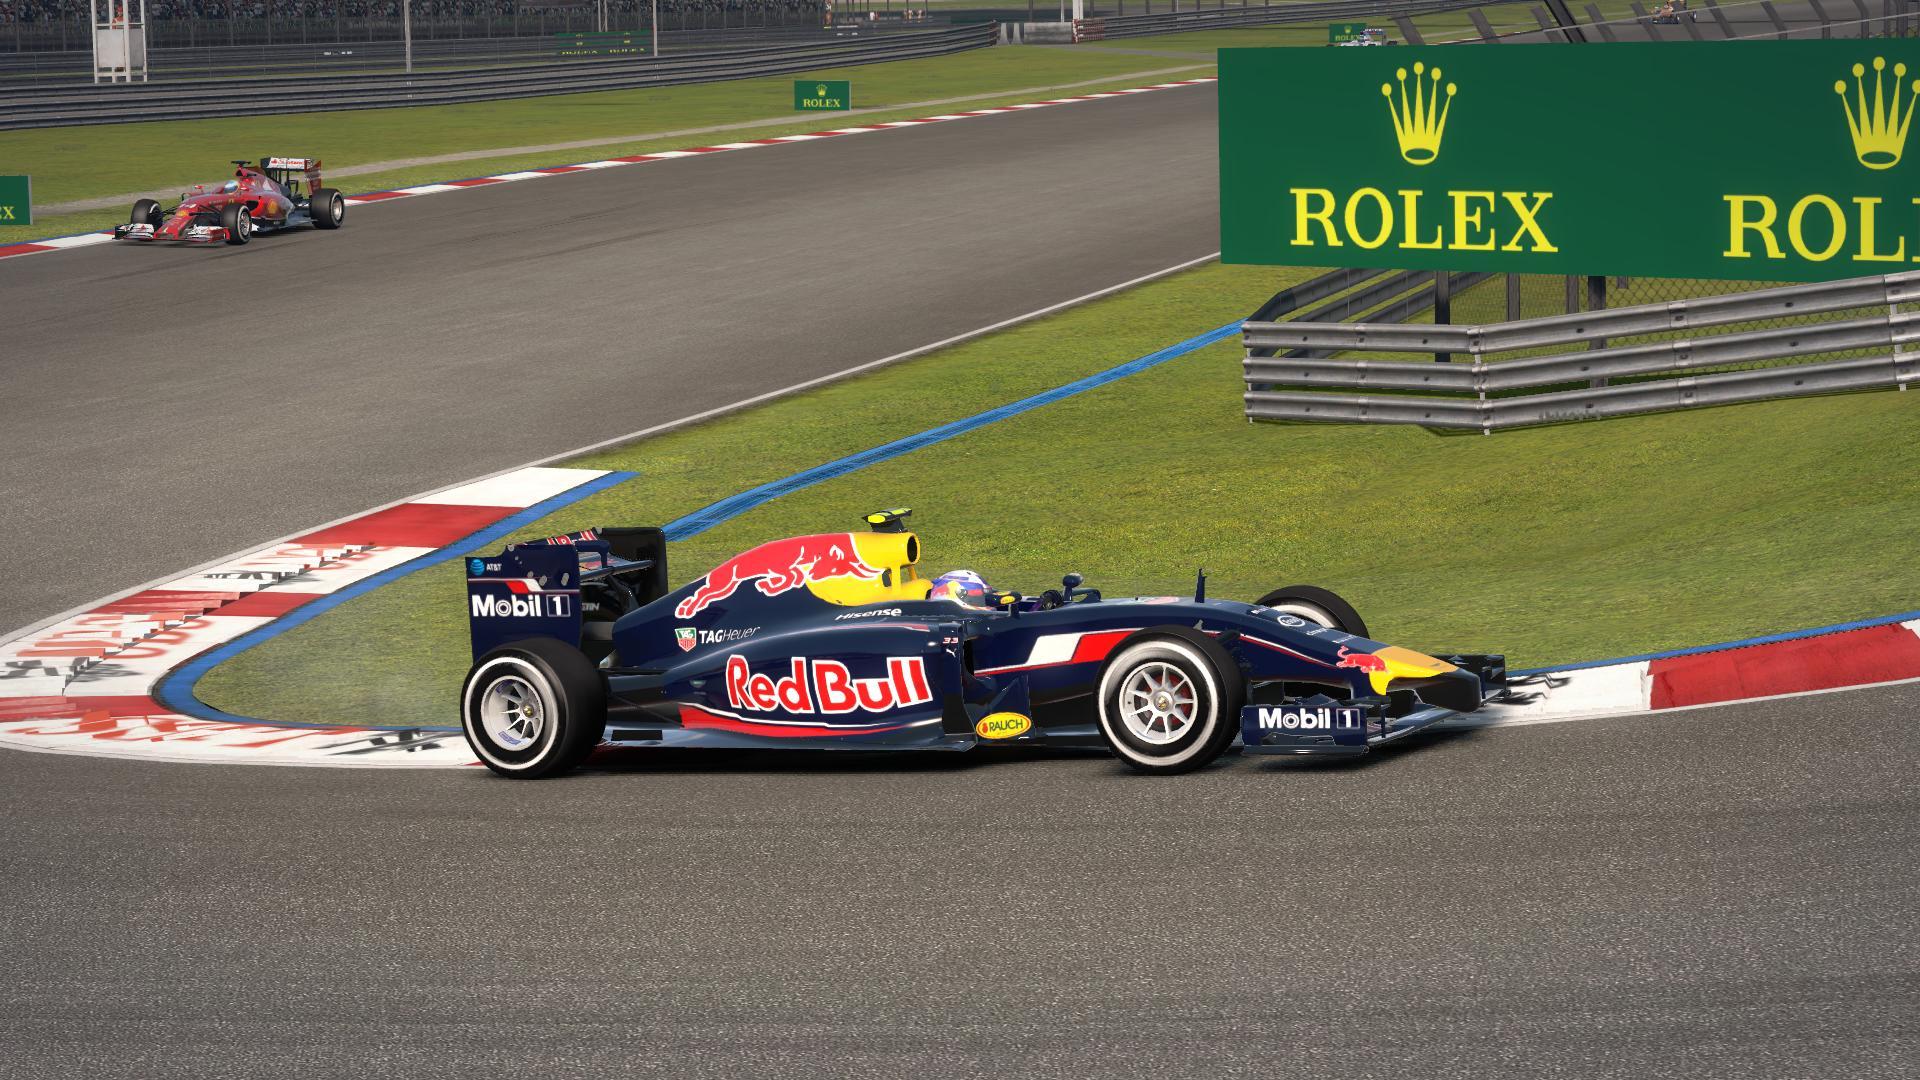 F1_2014 2017-03-09 17-19-00-94.jpg